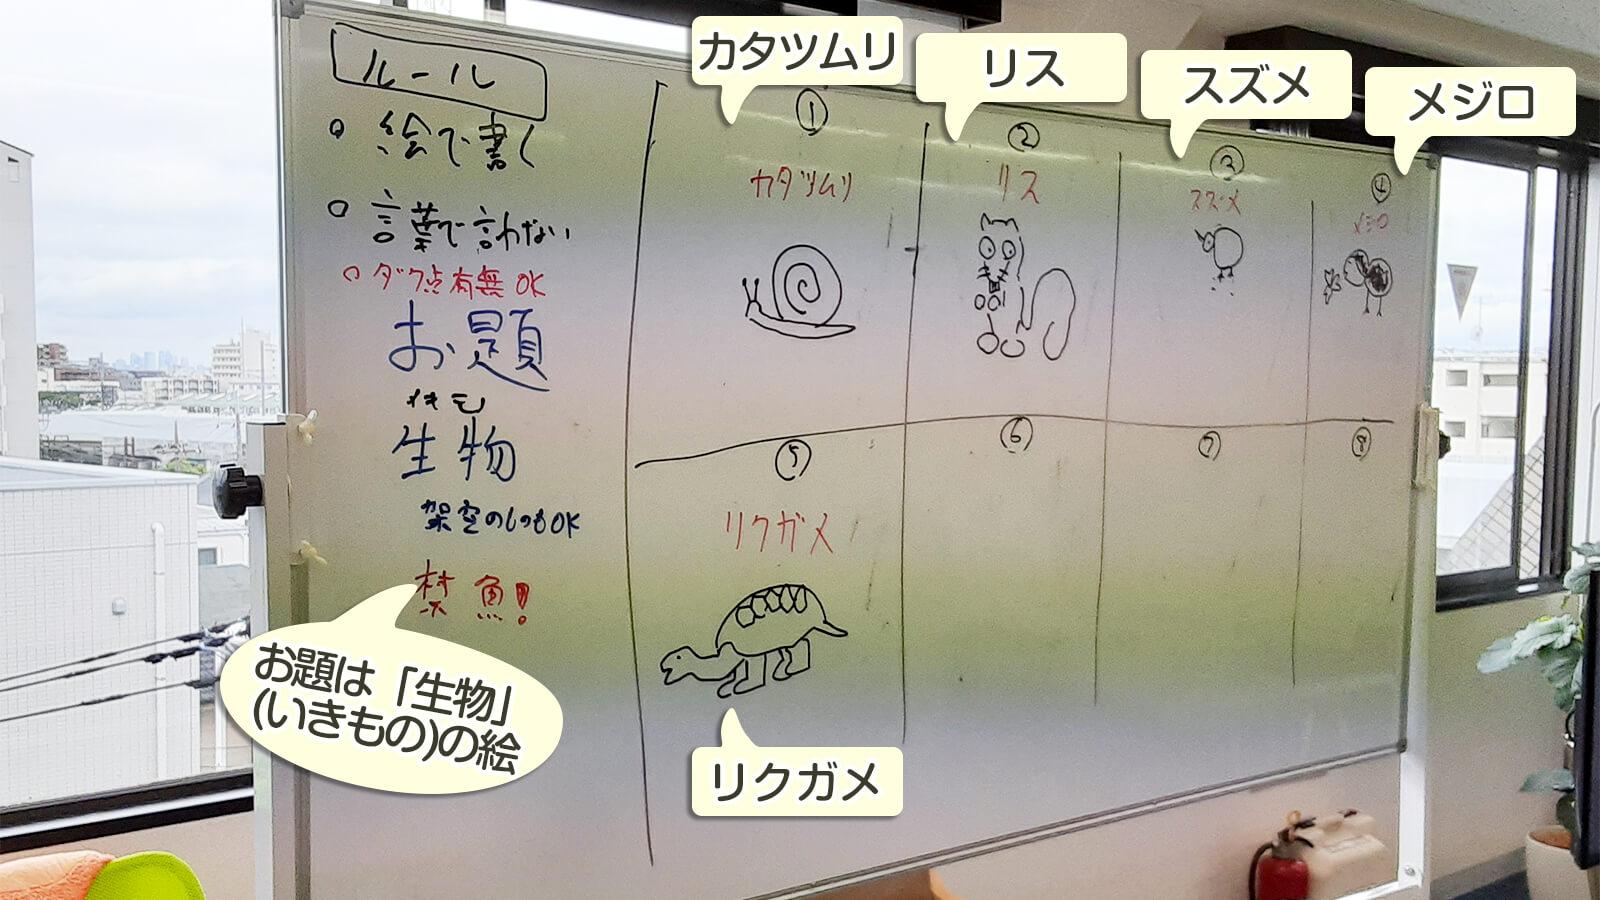 「絵しりとり」で就職に役立つ非言語コミュニケーションを訓練画像3